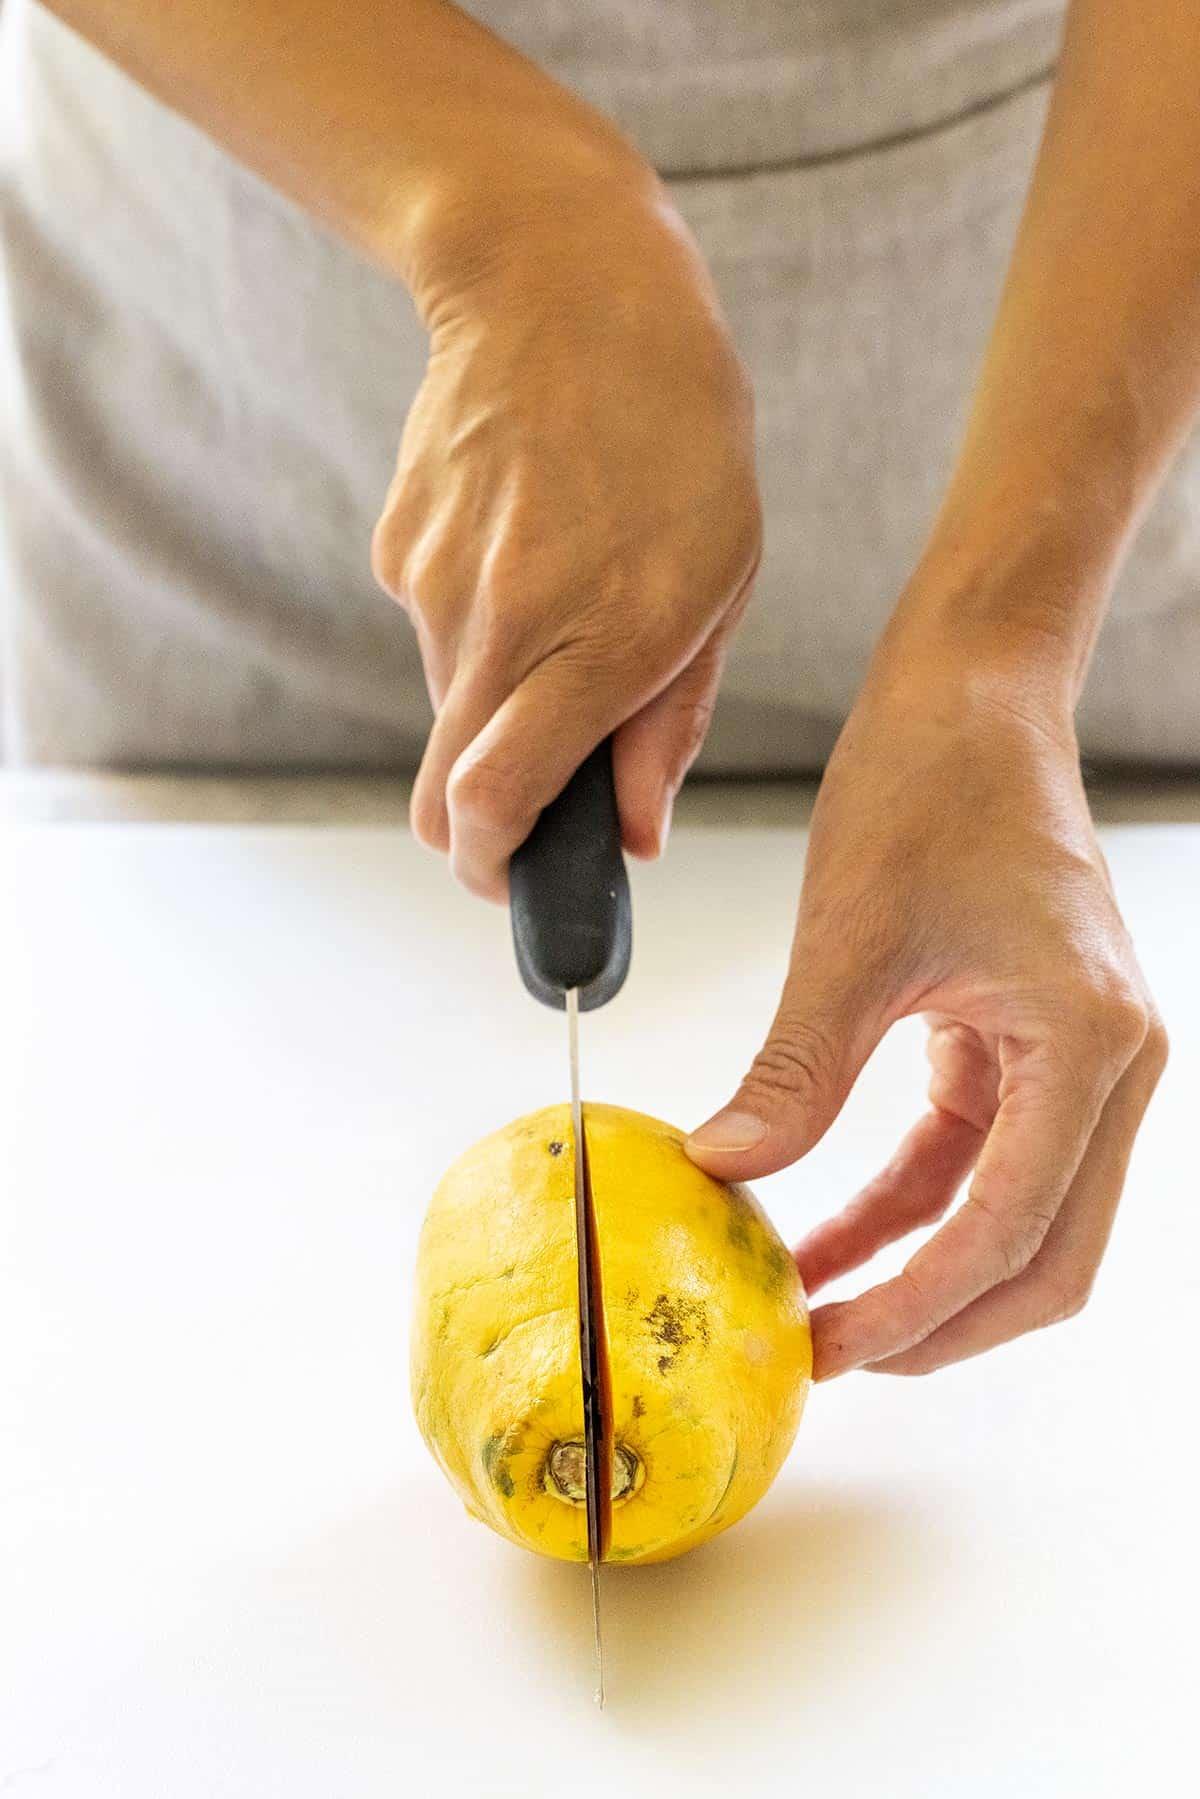 cutting a papaya in half